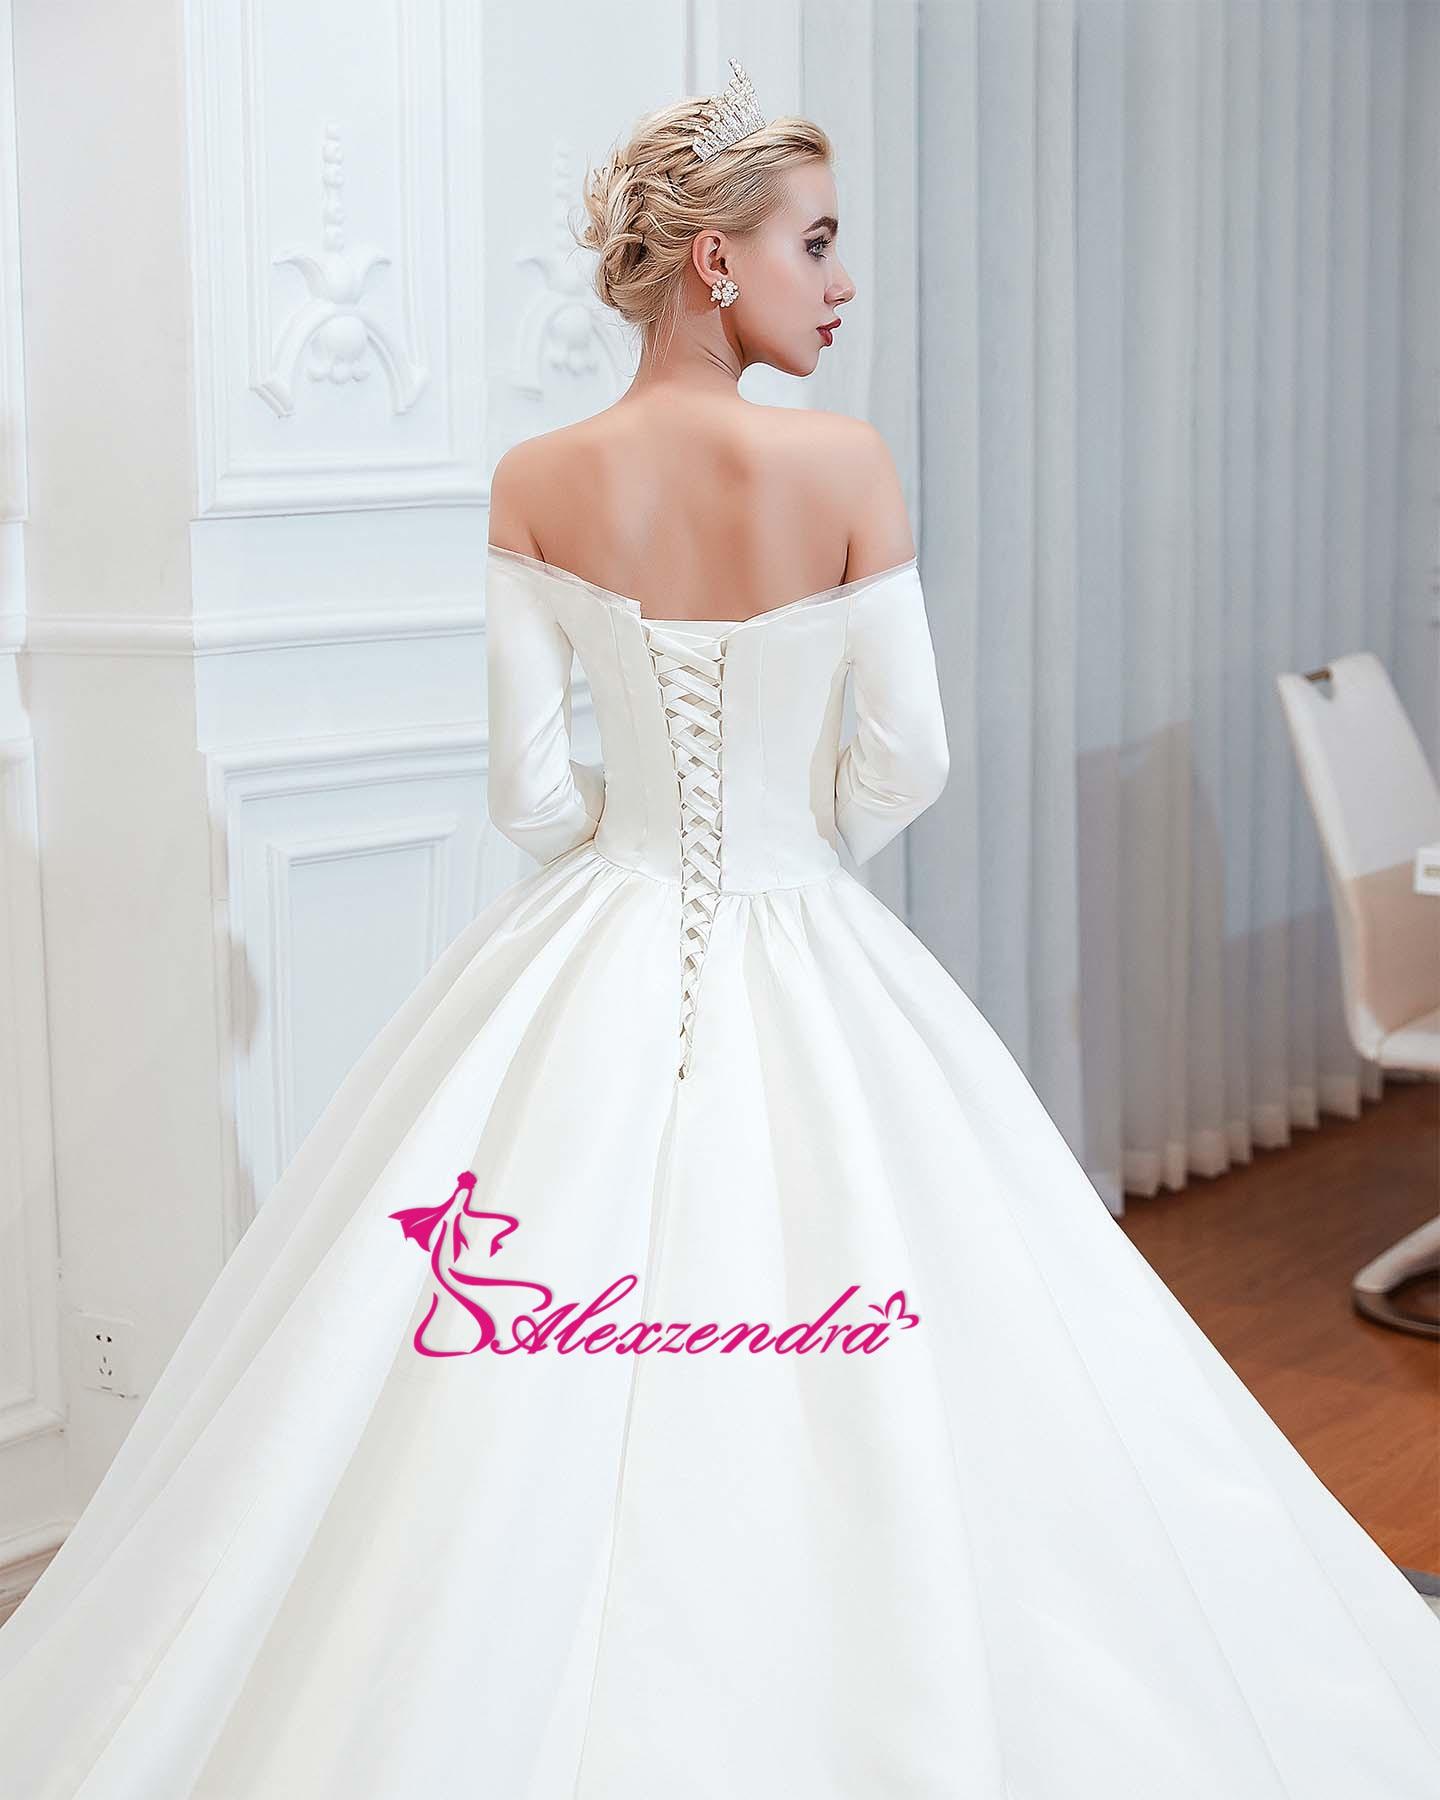 Alexzendra robe de bal en Tulle brillant robes de mariée élégantes pour la mariée perlée ceinture Vintage princesse mariée robes de grande taille - 6